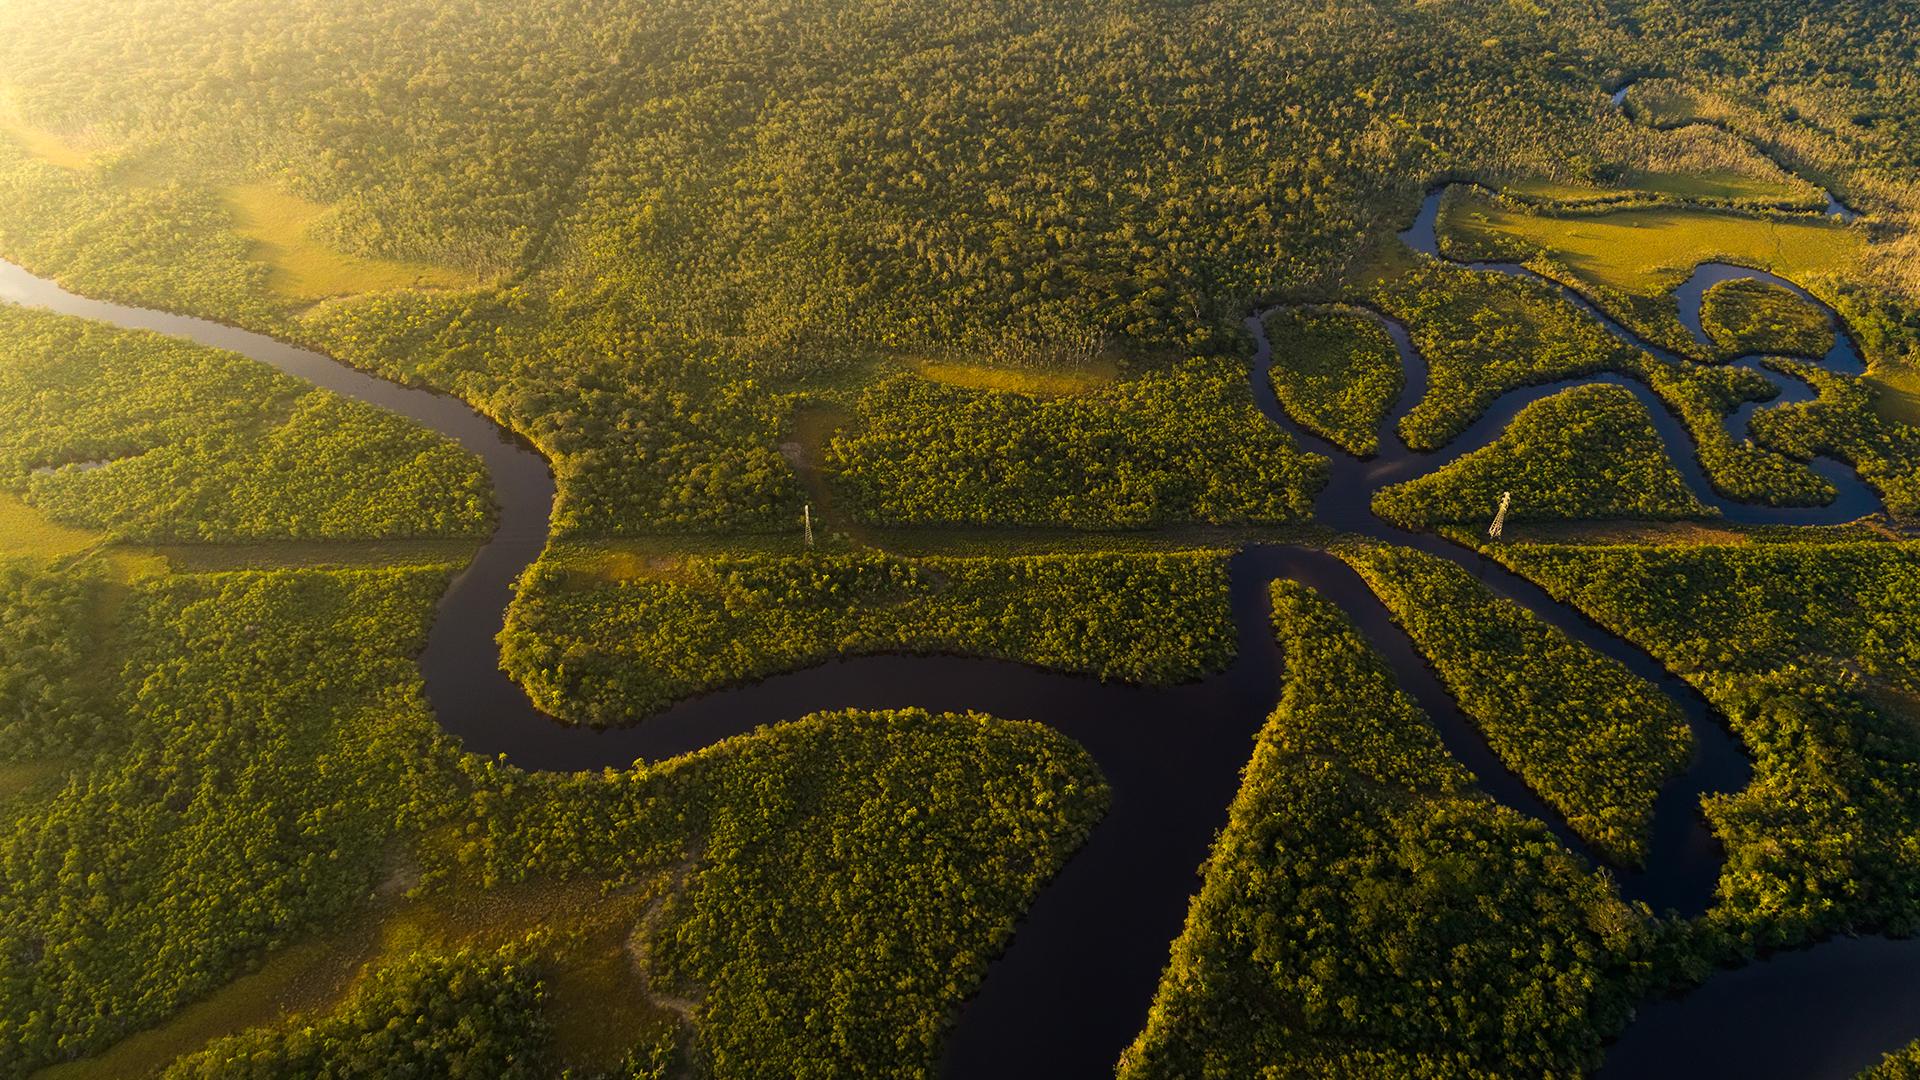 vista dall'alto della foresta amazzonica